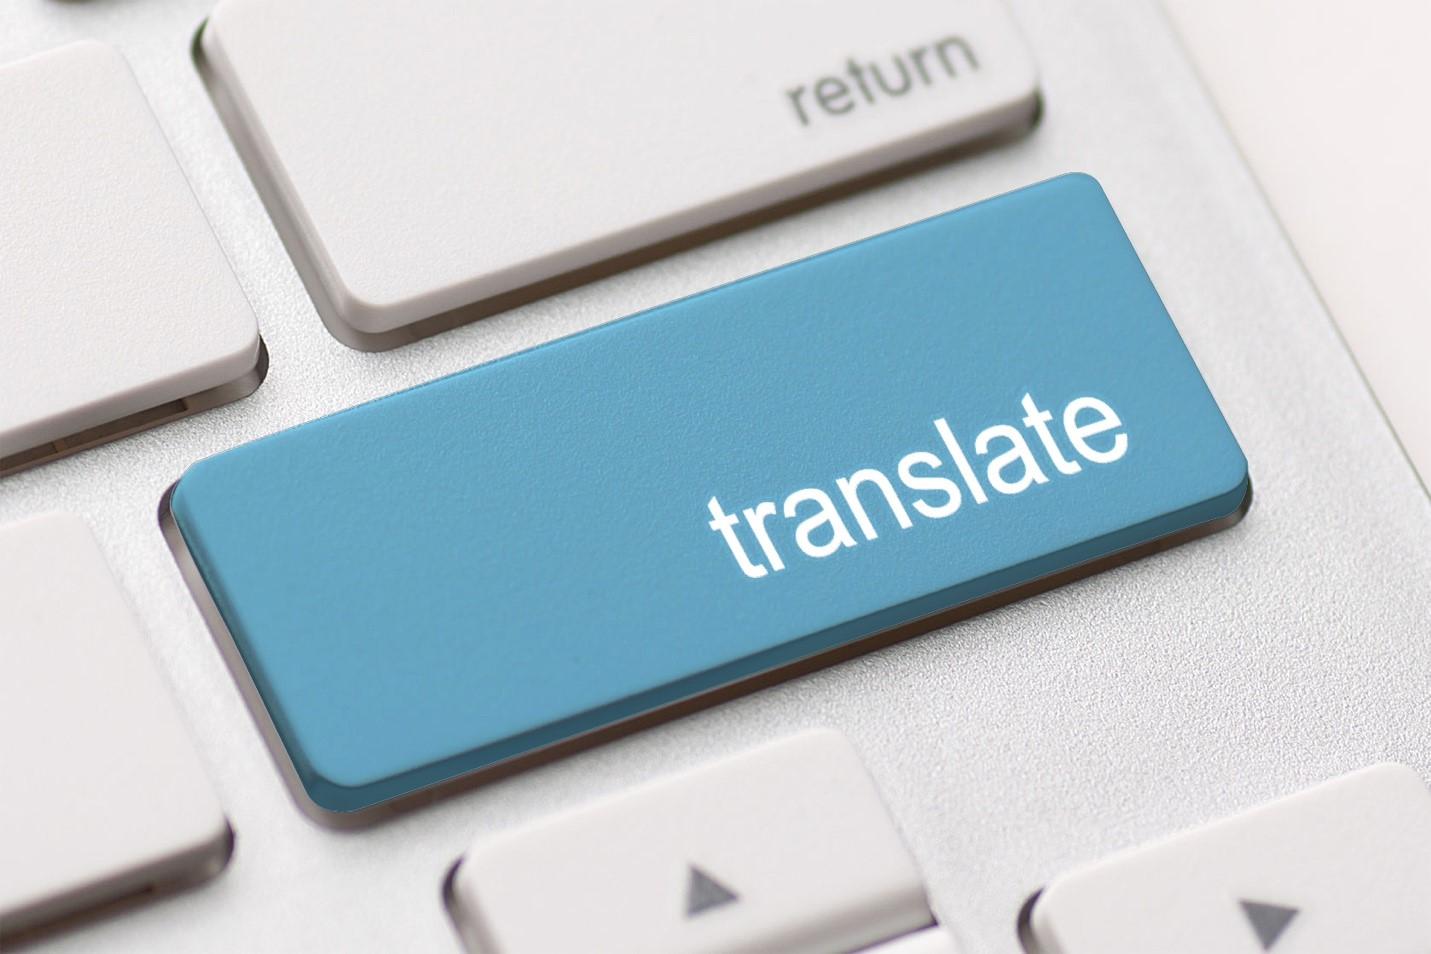 ترجمه های ماشینی چگونه متولد شدند ؟